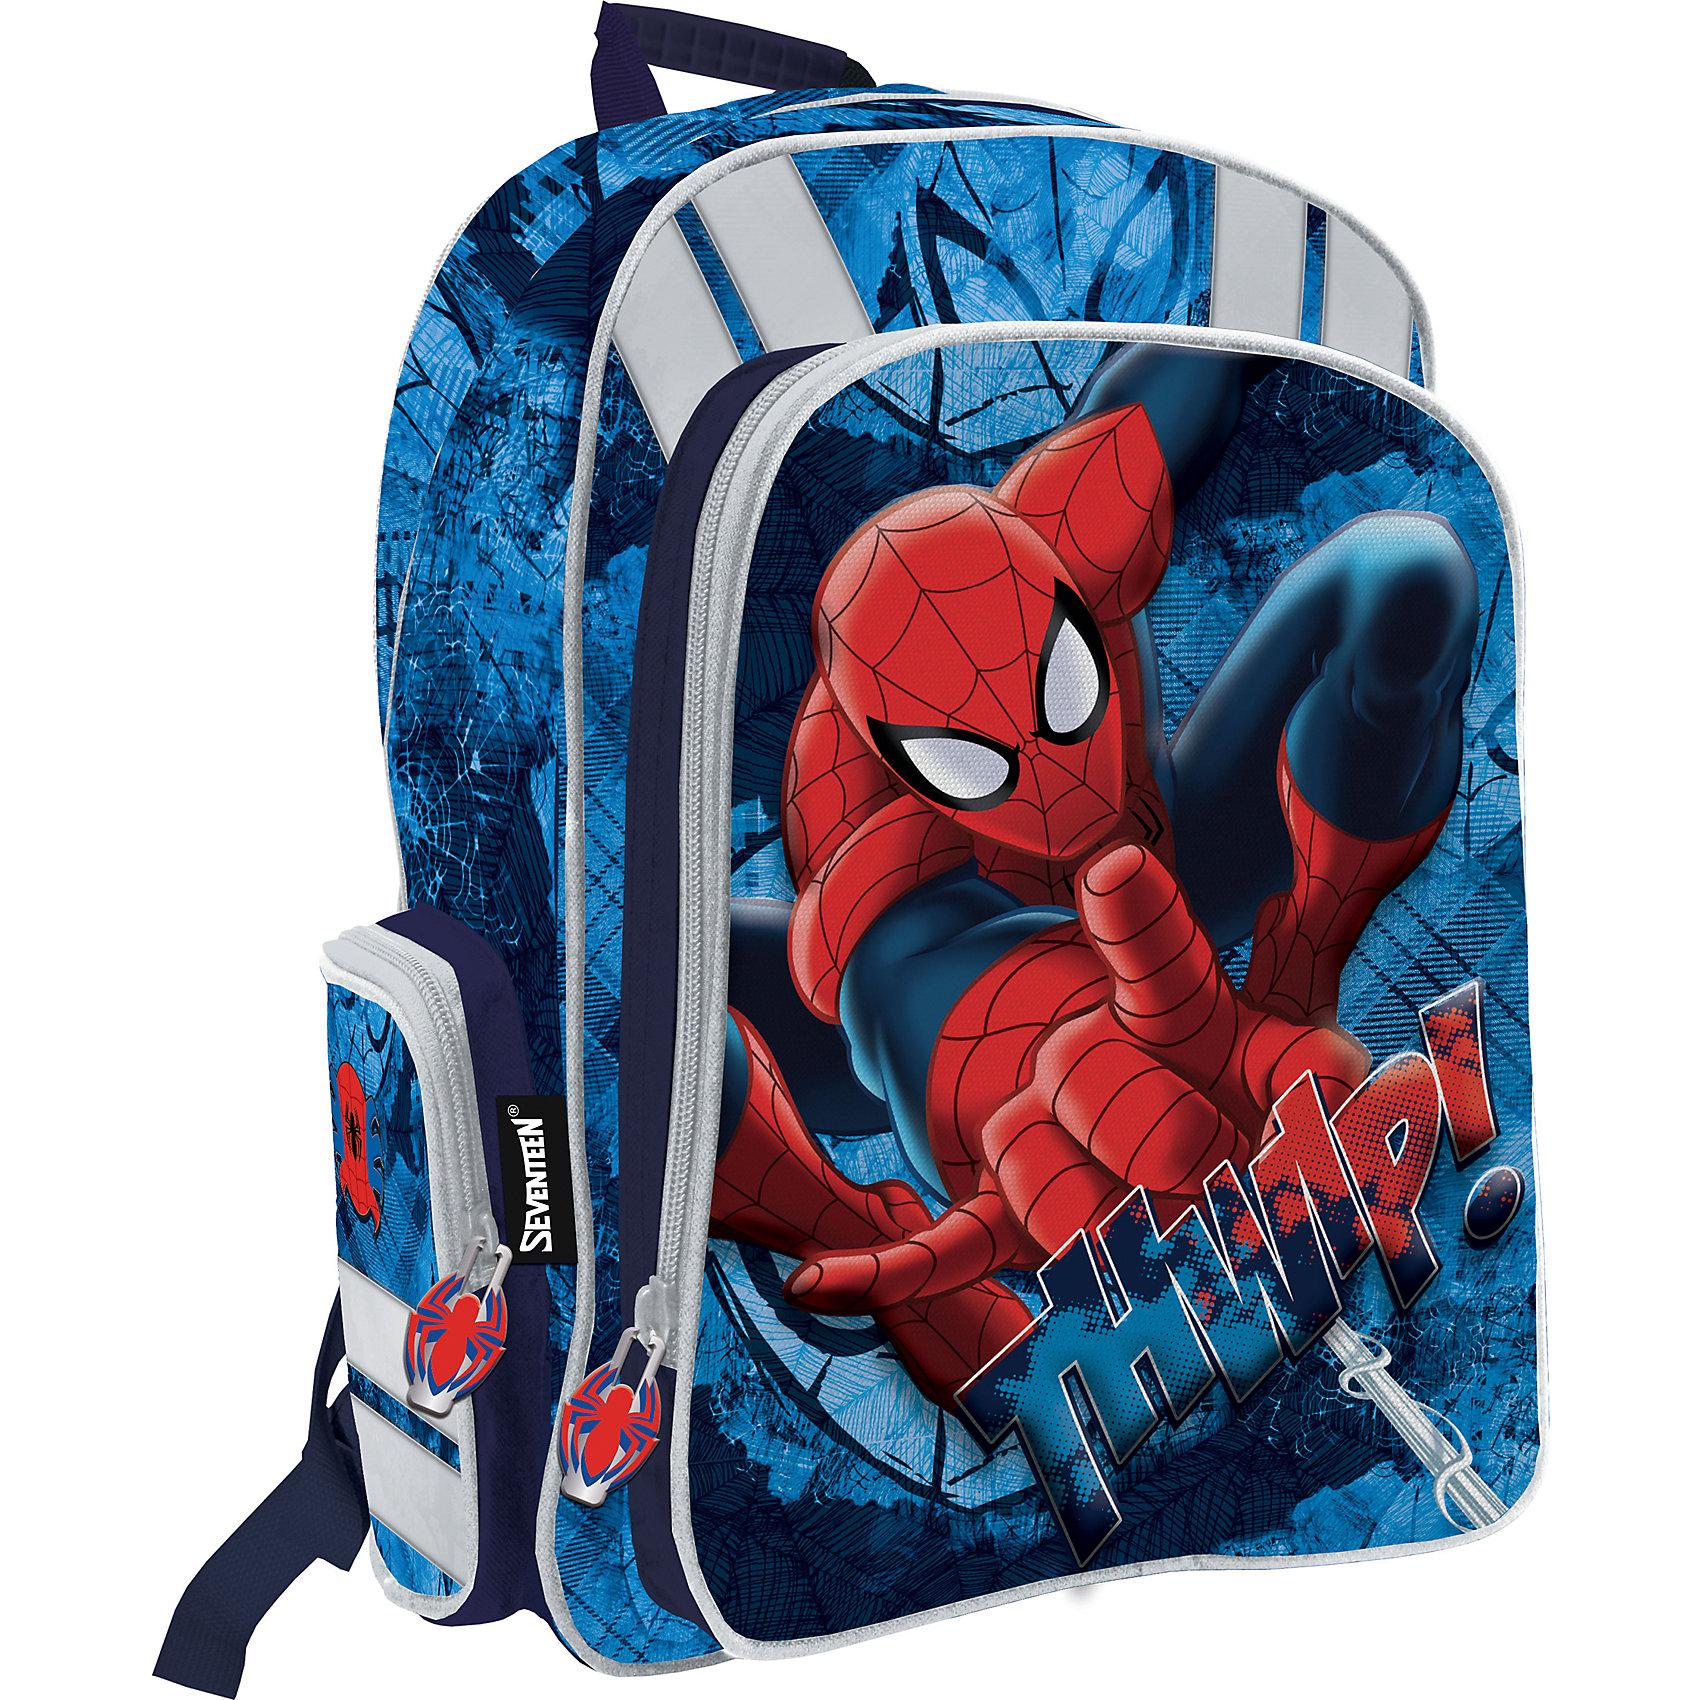 Академия групп Эргономичный рюкзак с EVA-спинкой, Человек-Паук академия групп рюкзак с эргономичной eva спинкой barbie